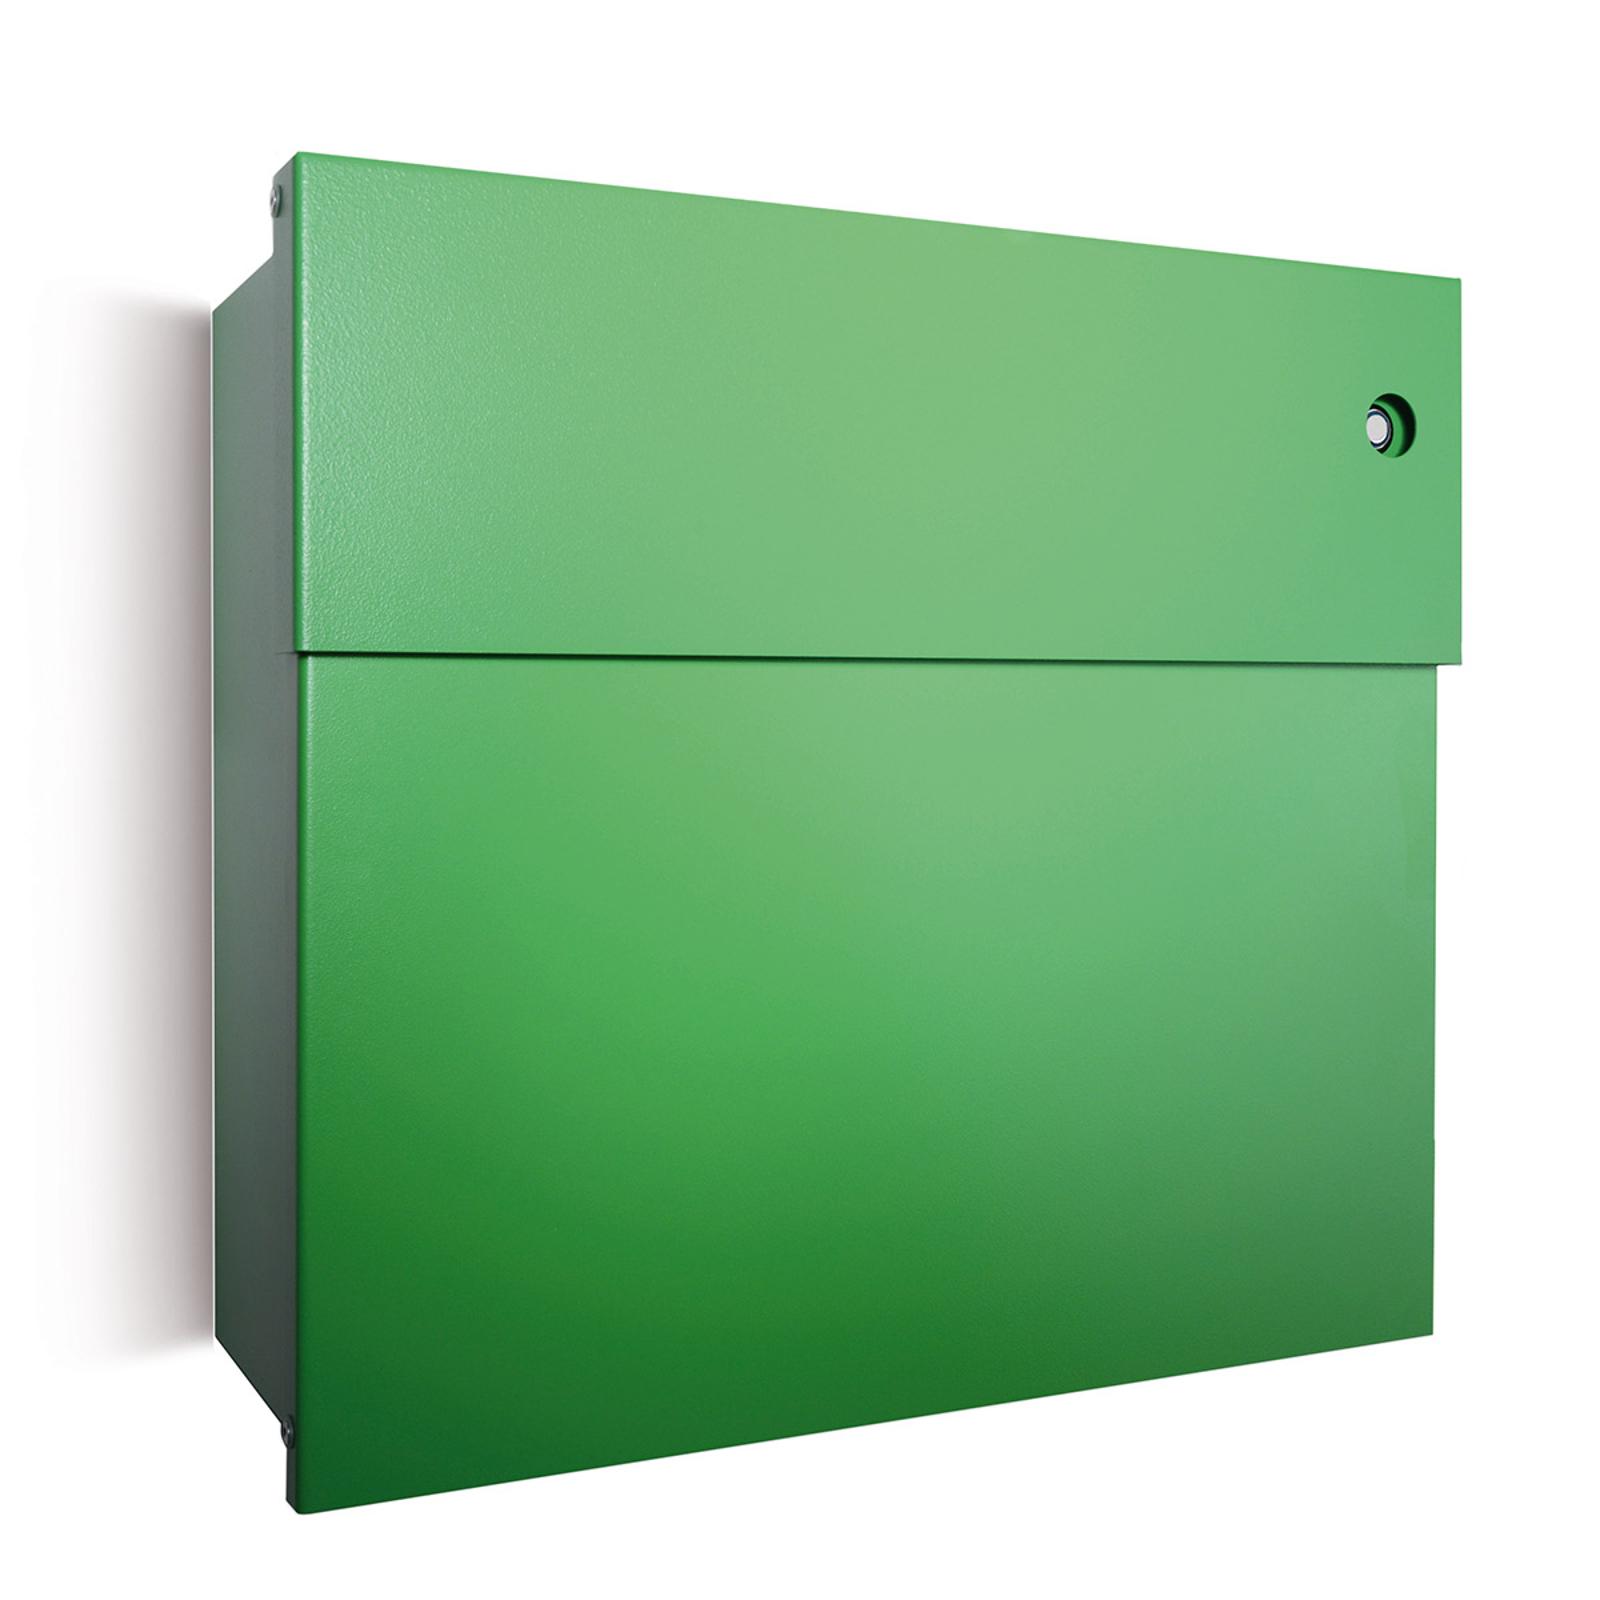 Poštová schránka Letterman IV modrý zvonček/zelená_1057150_1